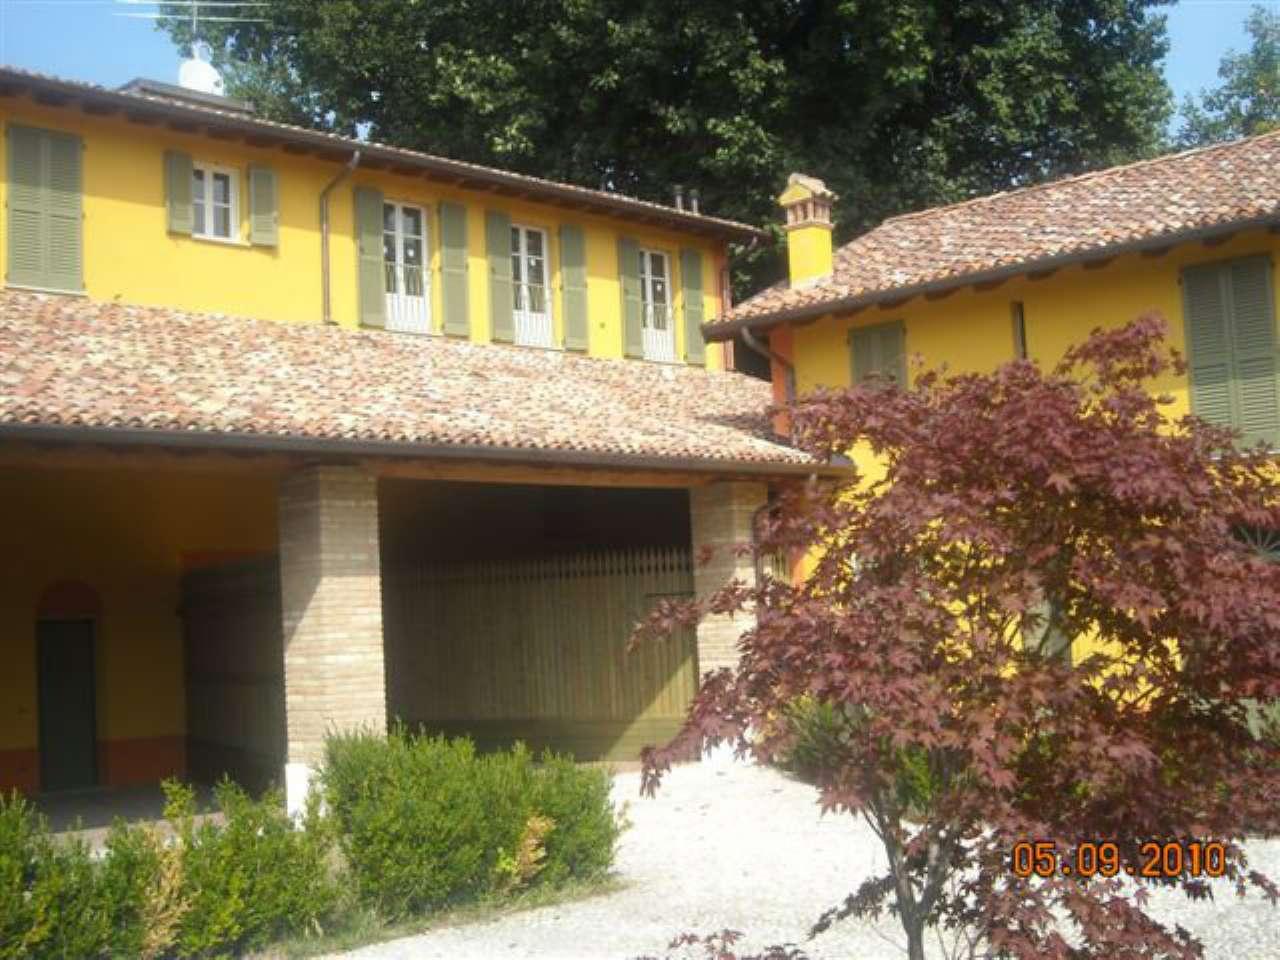 Appartamento in vendita a Crema, 3 locali, prezzo € 145.000   Cambio Casa.it